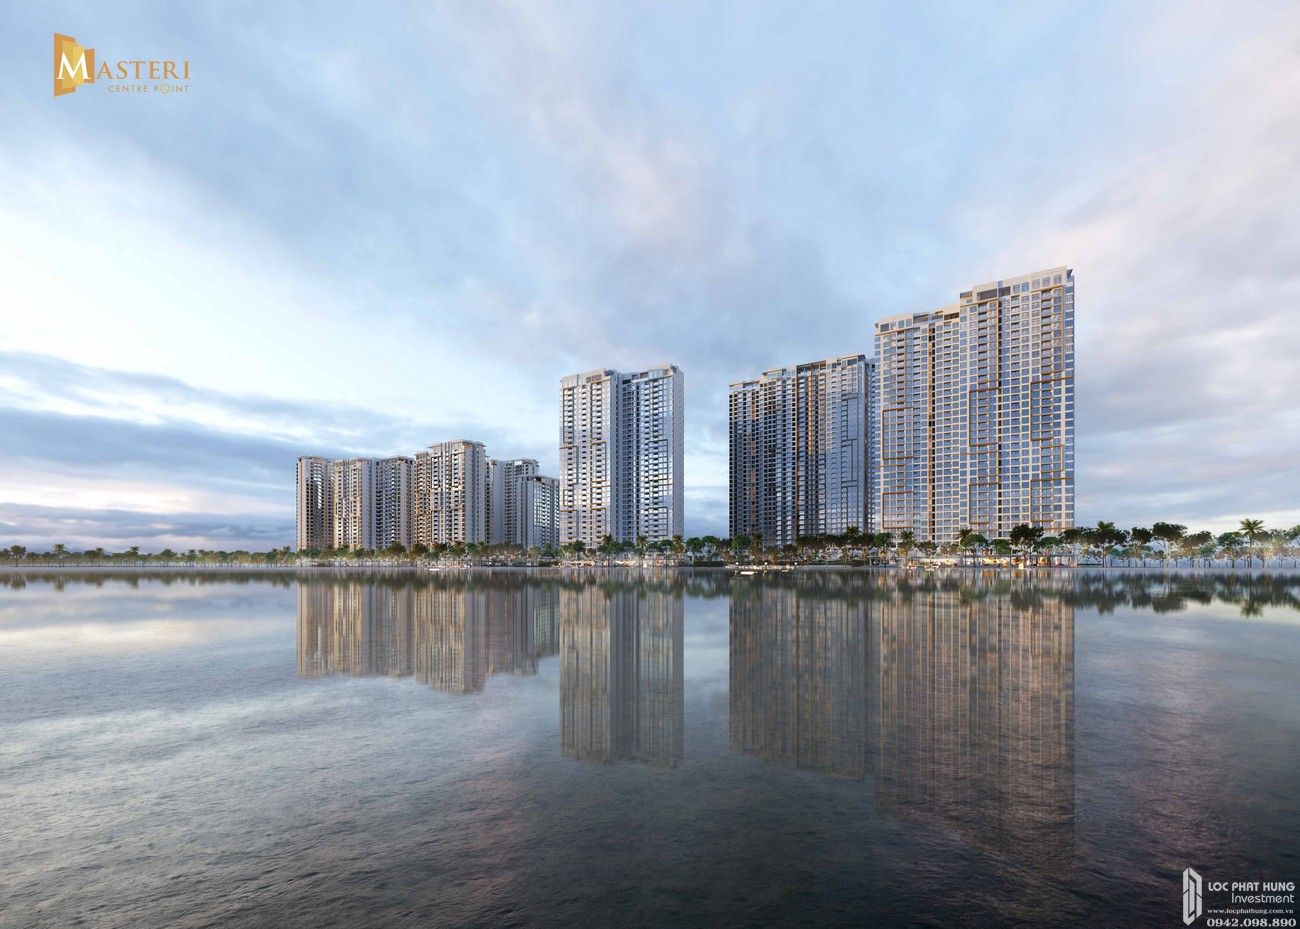 Tổng quan dự án Masteri Centre Point nhìn từ Biển Hồ